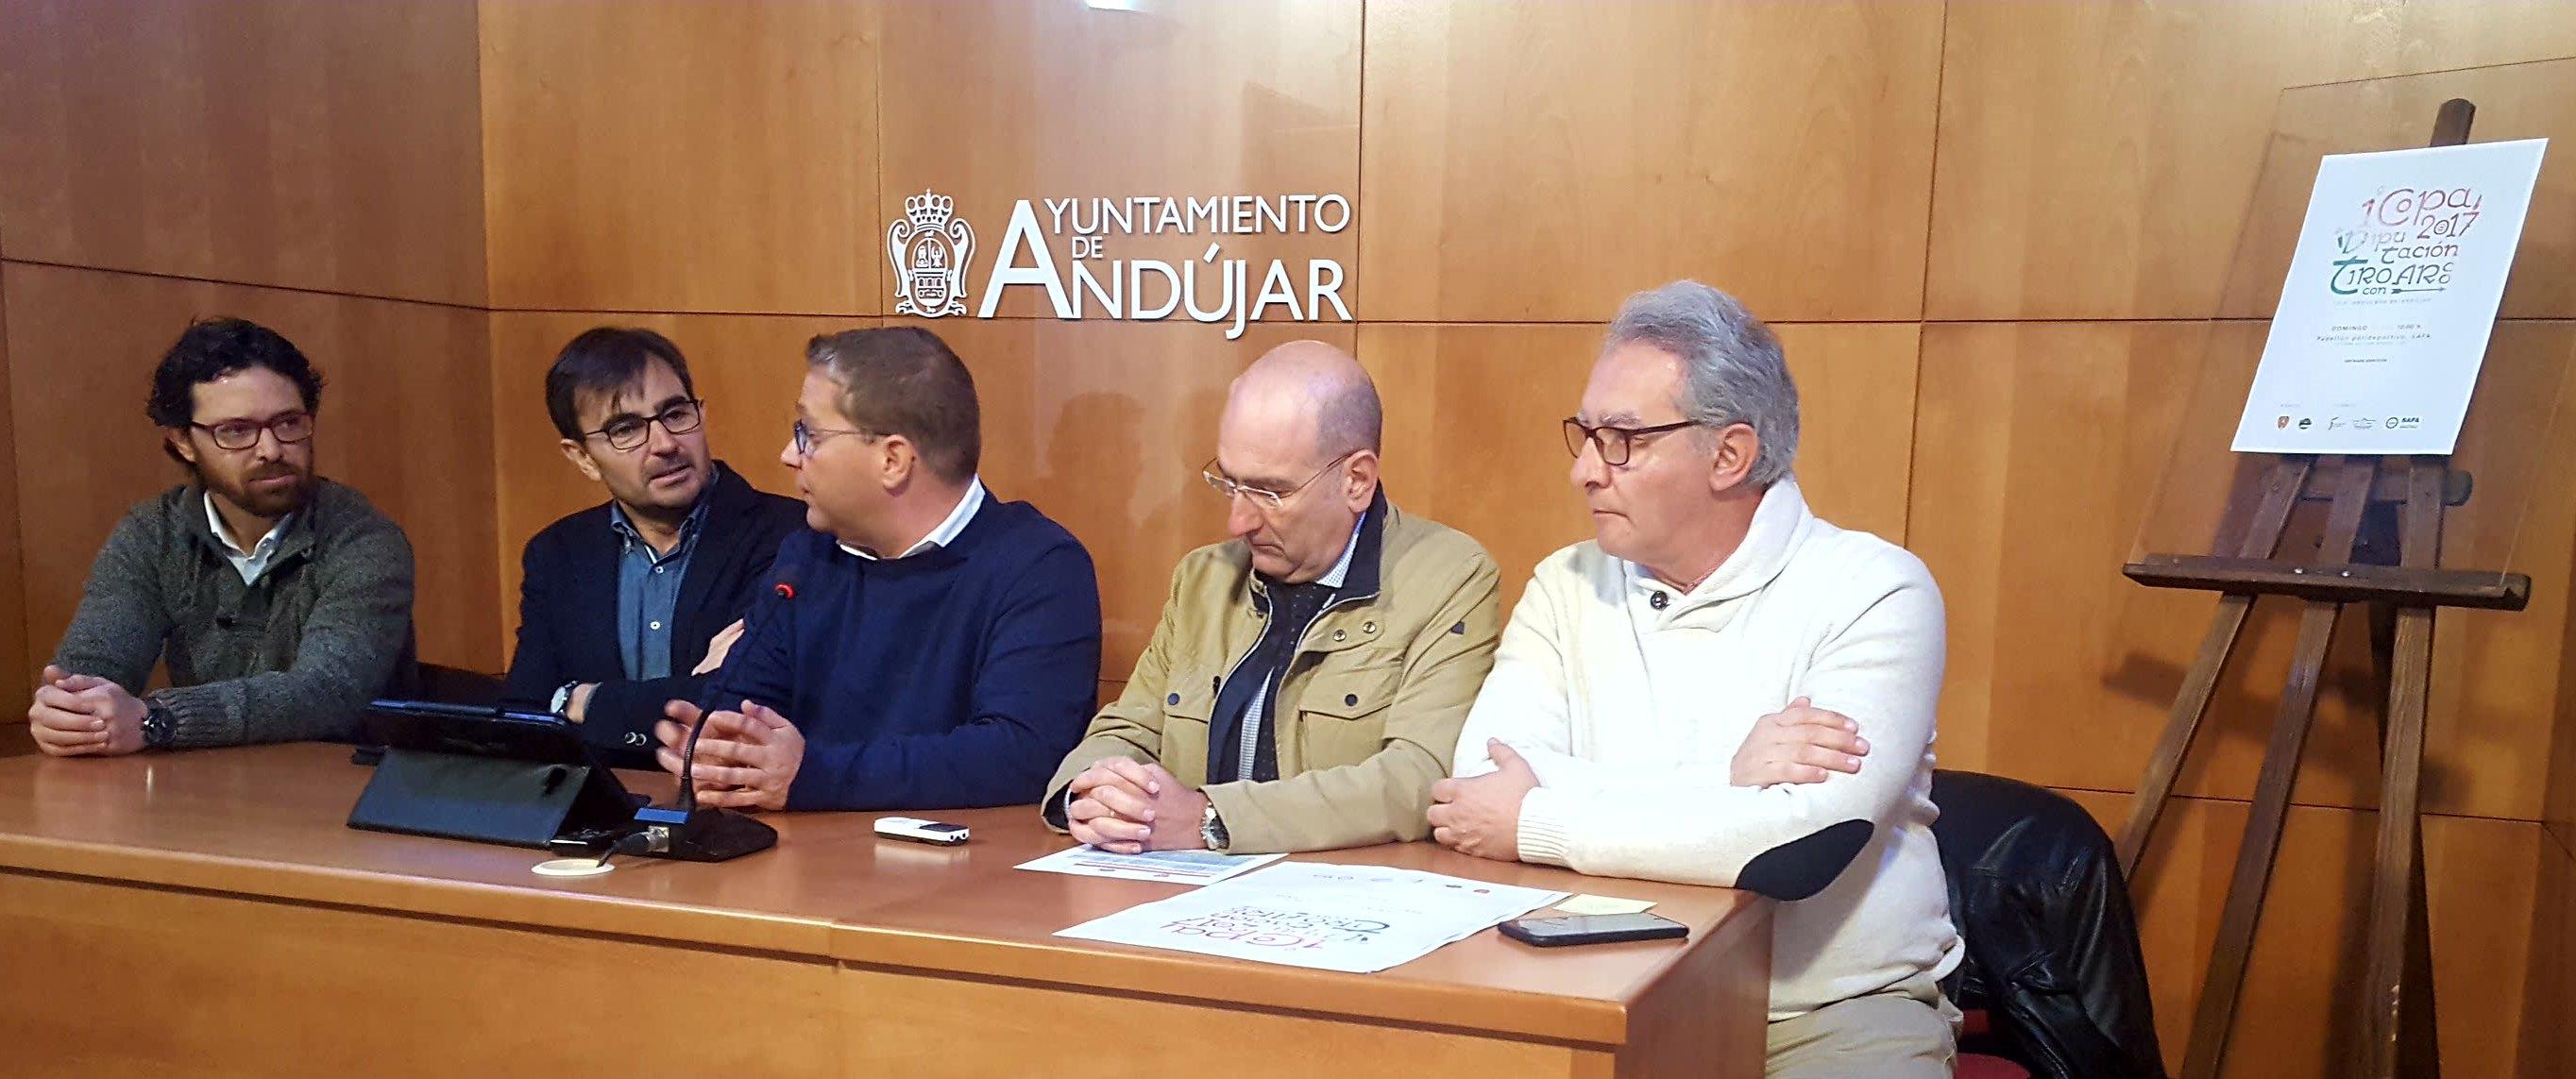 El pabellón deportivo de la SAFA de Andújar acoge este domingo la I Copa Diputación de Tiro con Arco